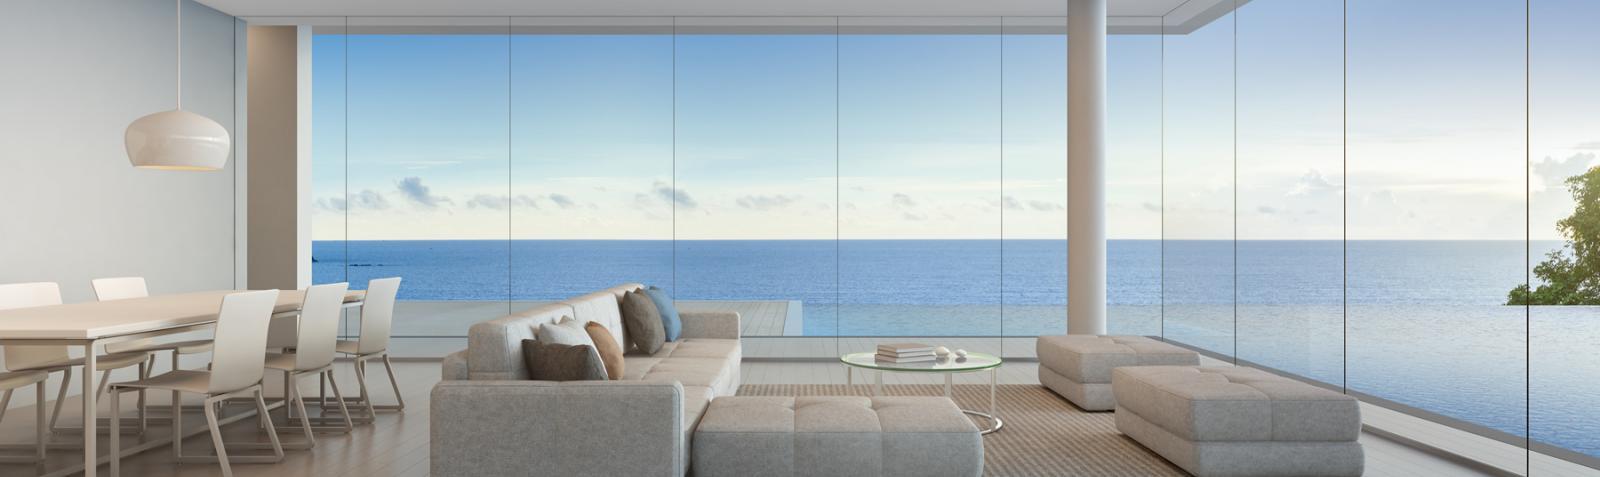 Agenzia immobiliare Riviera